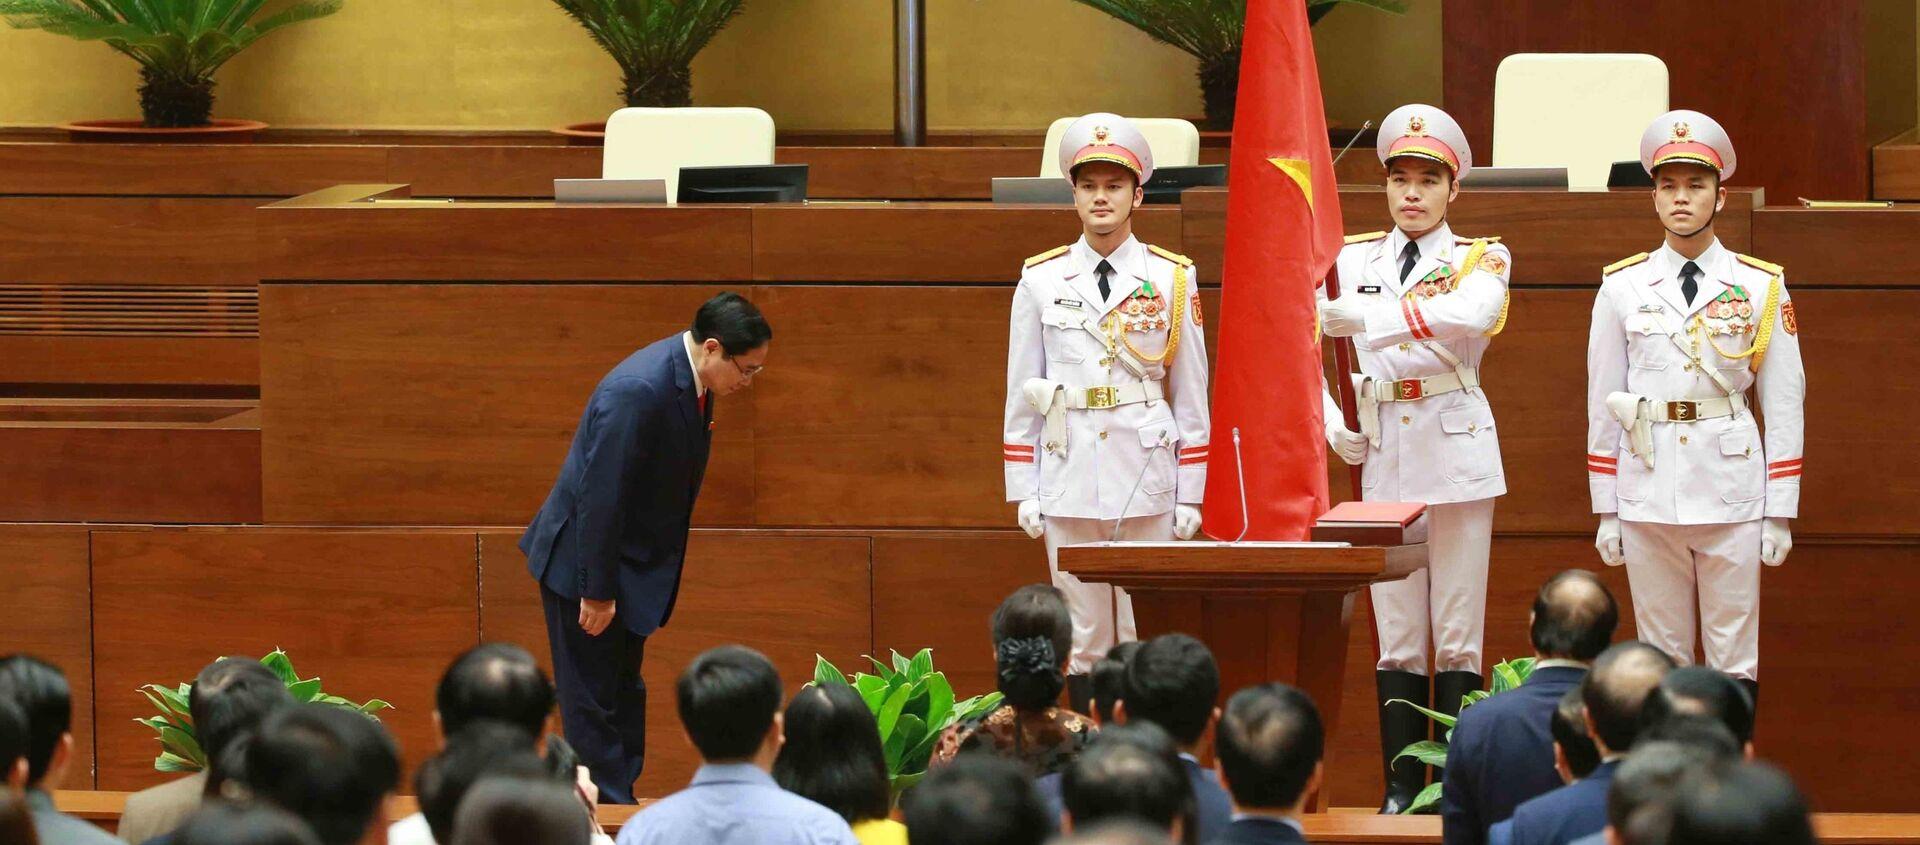 Thủ tướng Chính phủ Phạm Minh Chính chào Quốc kỳ tại lễ tuyên thệ nhậm chức. - Sputnik Việt Nam, 1920, 06.04.2021